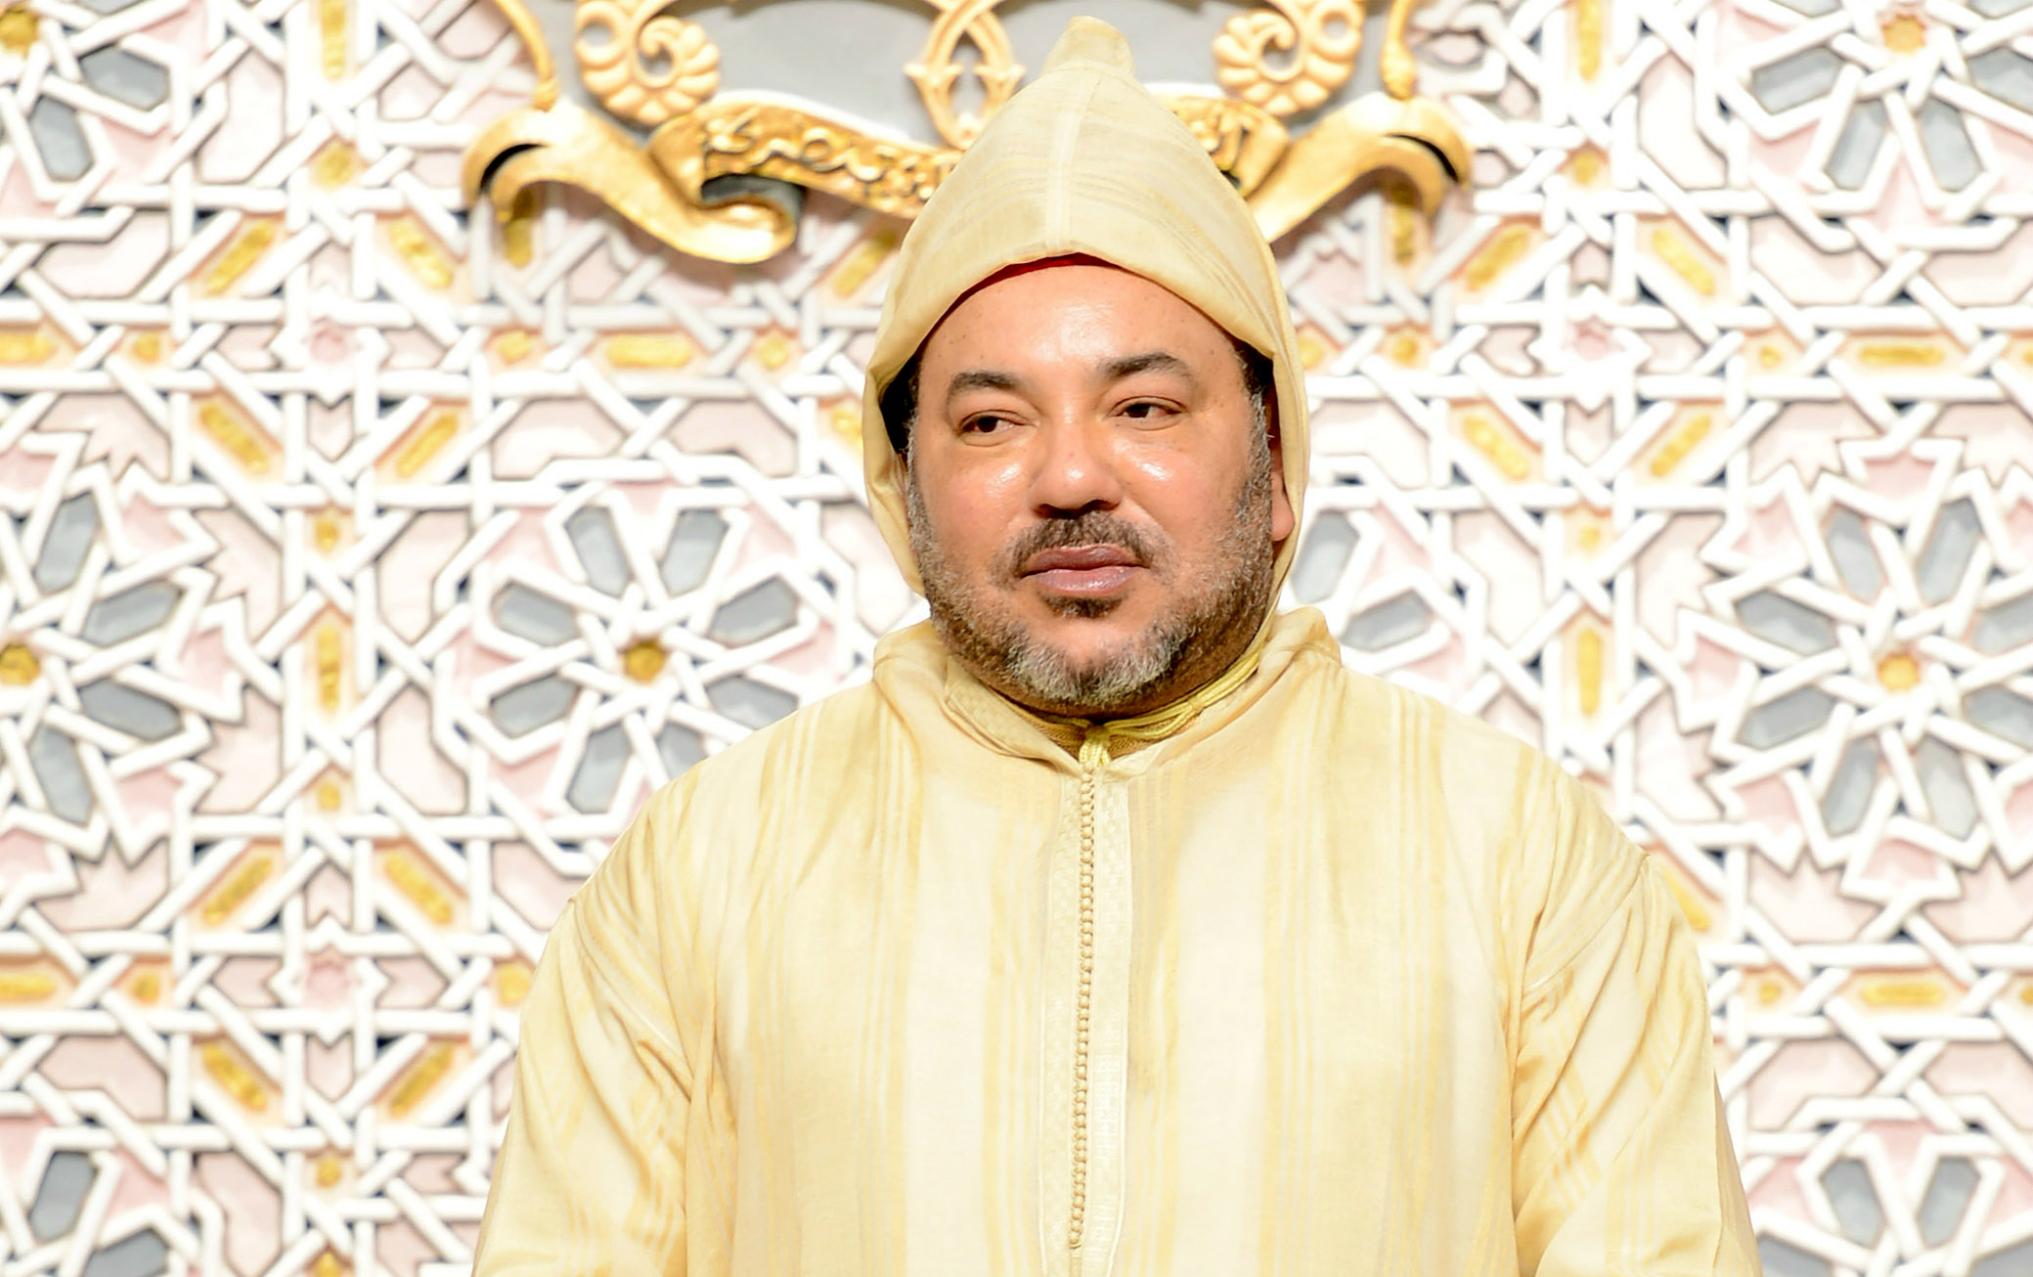 """صورة عاجل : الملك يدخل على الخط في قضية """"محسن فكري"""" بائع السمك و هذا ما قام به + فيديو"""